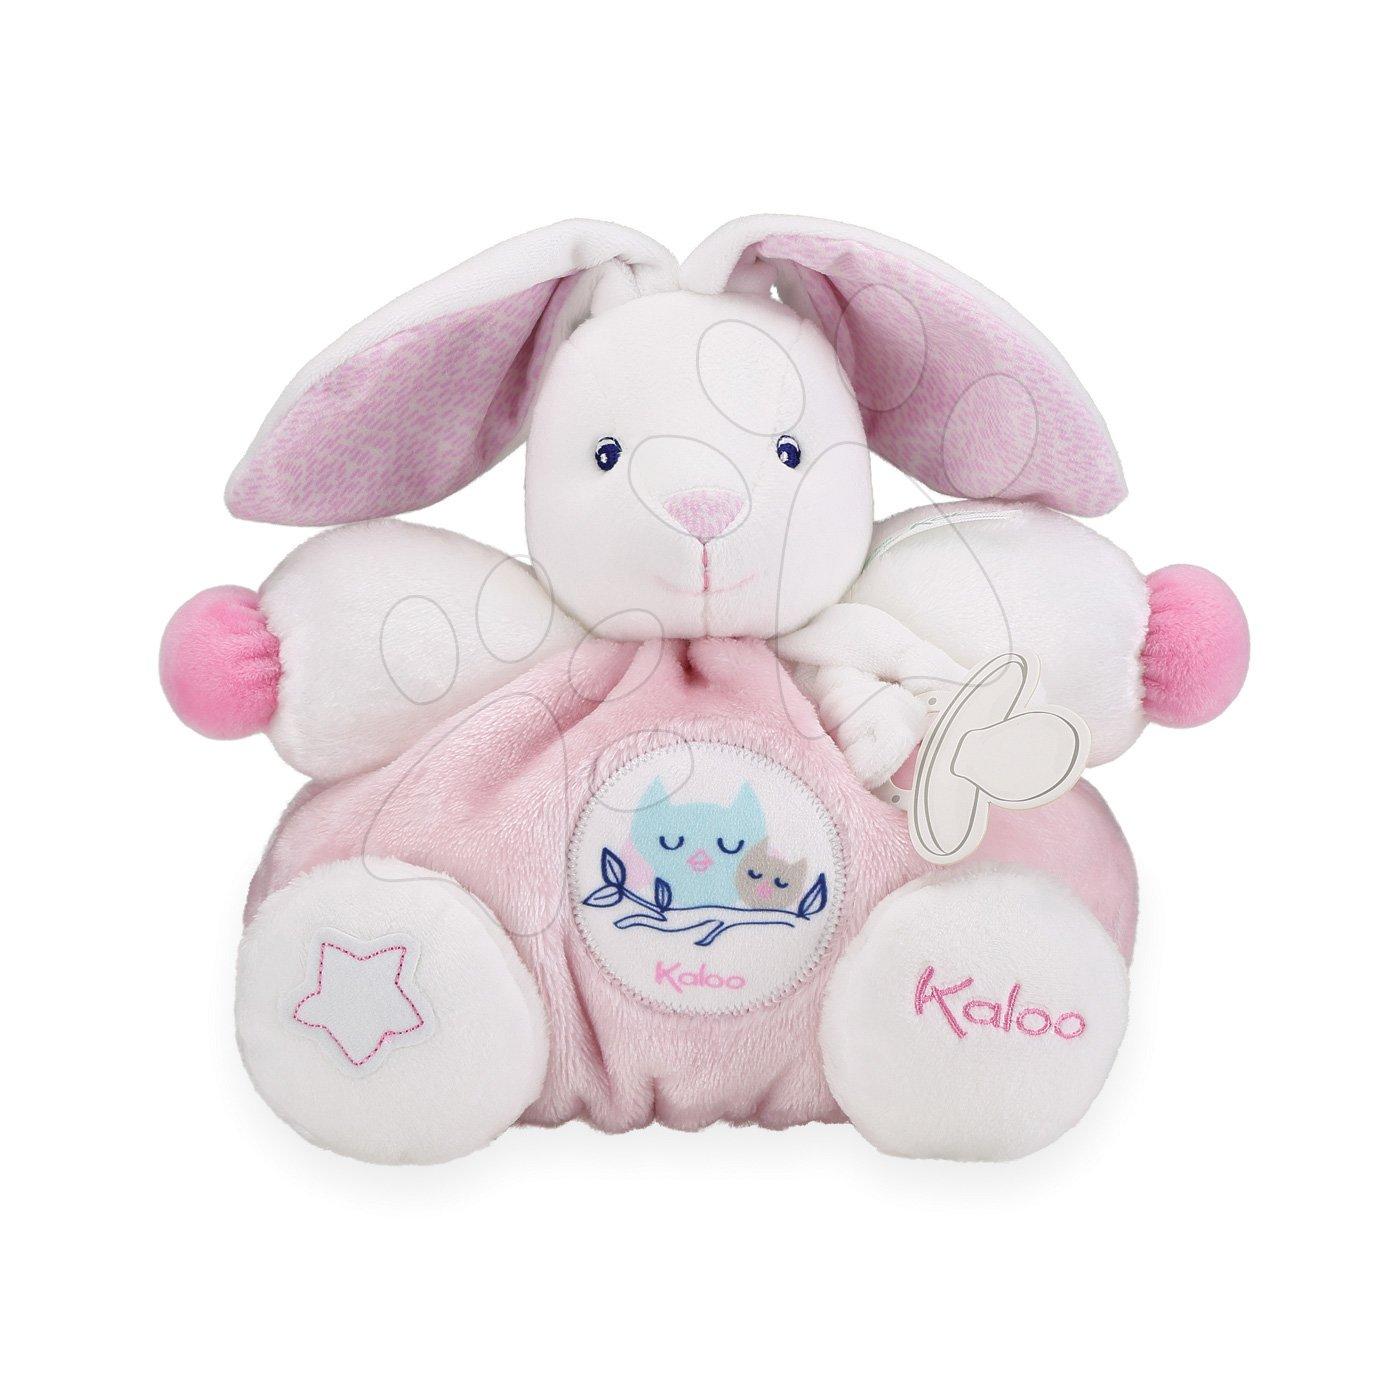 Plyšový zajac Imagine Chubby Kaloo svetielkujúci v darčekovom balení 25 cm ružový od 0 mesiacov